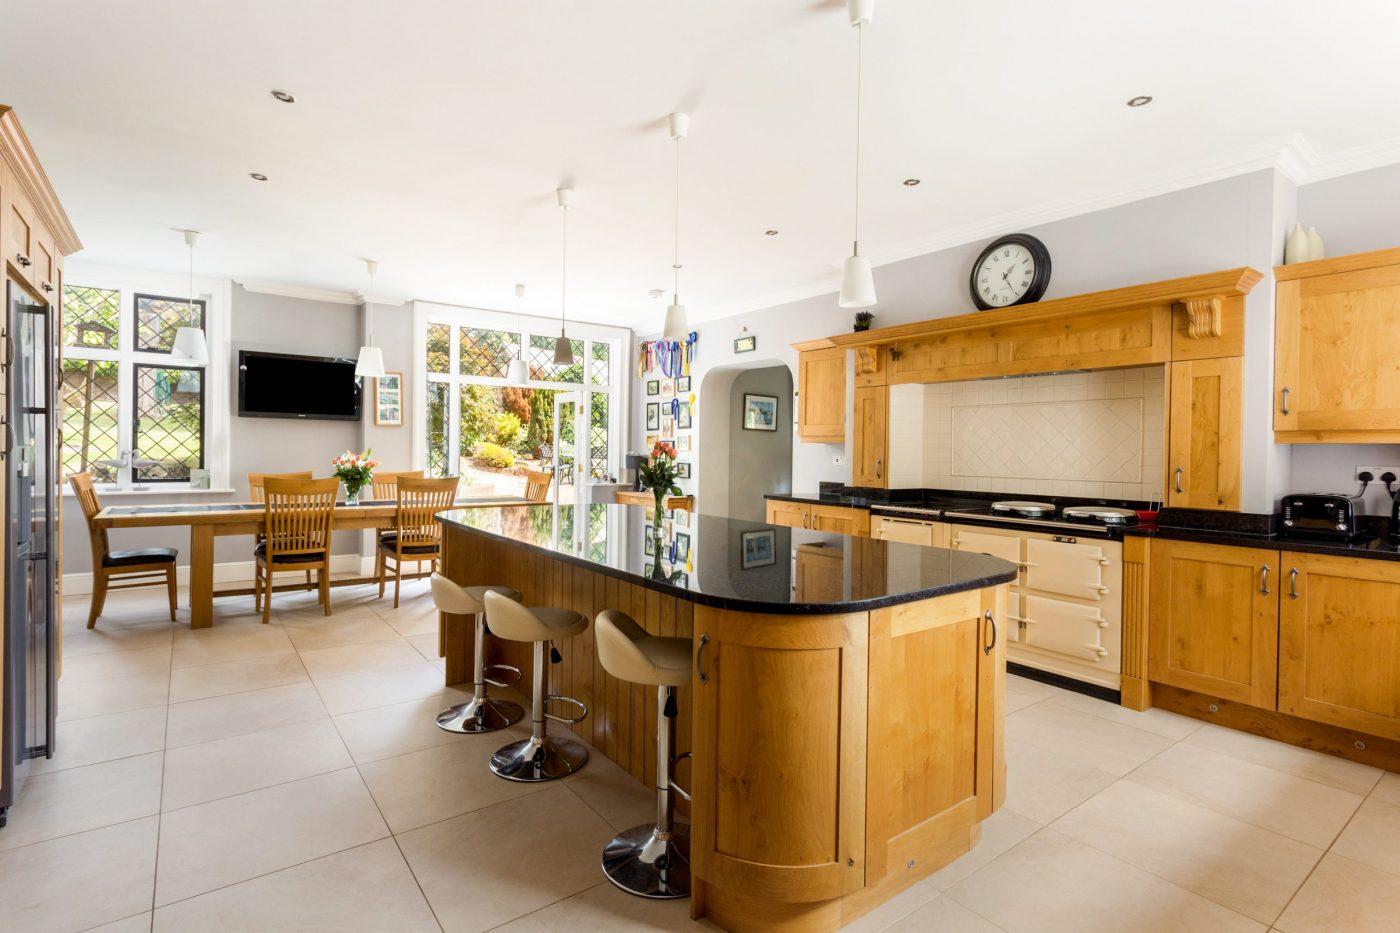 Você gostaria de se mudar para esta propriedade de cinco quartos com estábulos, nove hectares, piscina coberta e anexo? 4